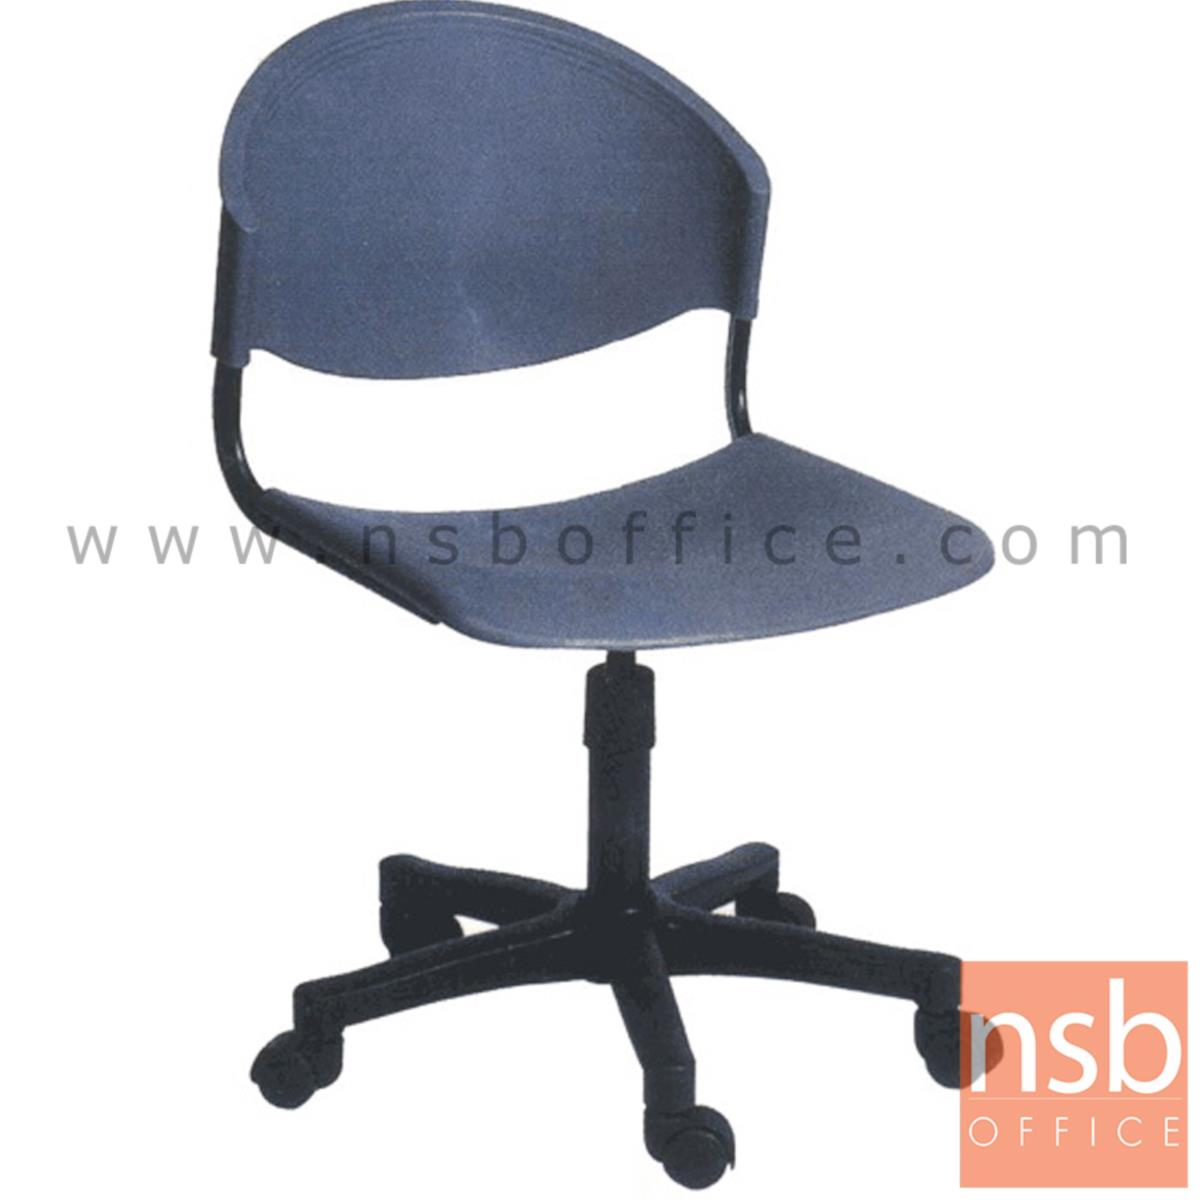 B21A002:เก้าอี้สำนักงานโพลี่ รุ่น Pulsa (พอลซ่า)  ขาพลาสติก